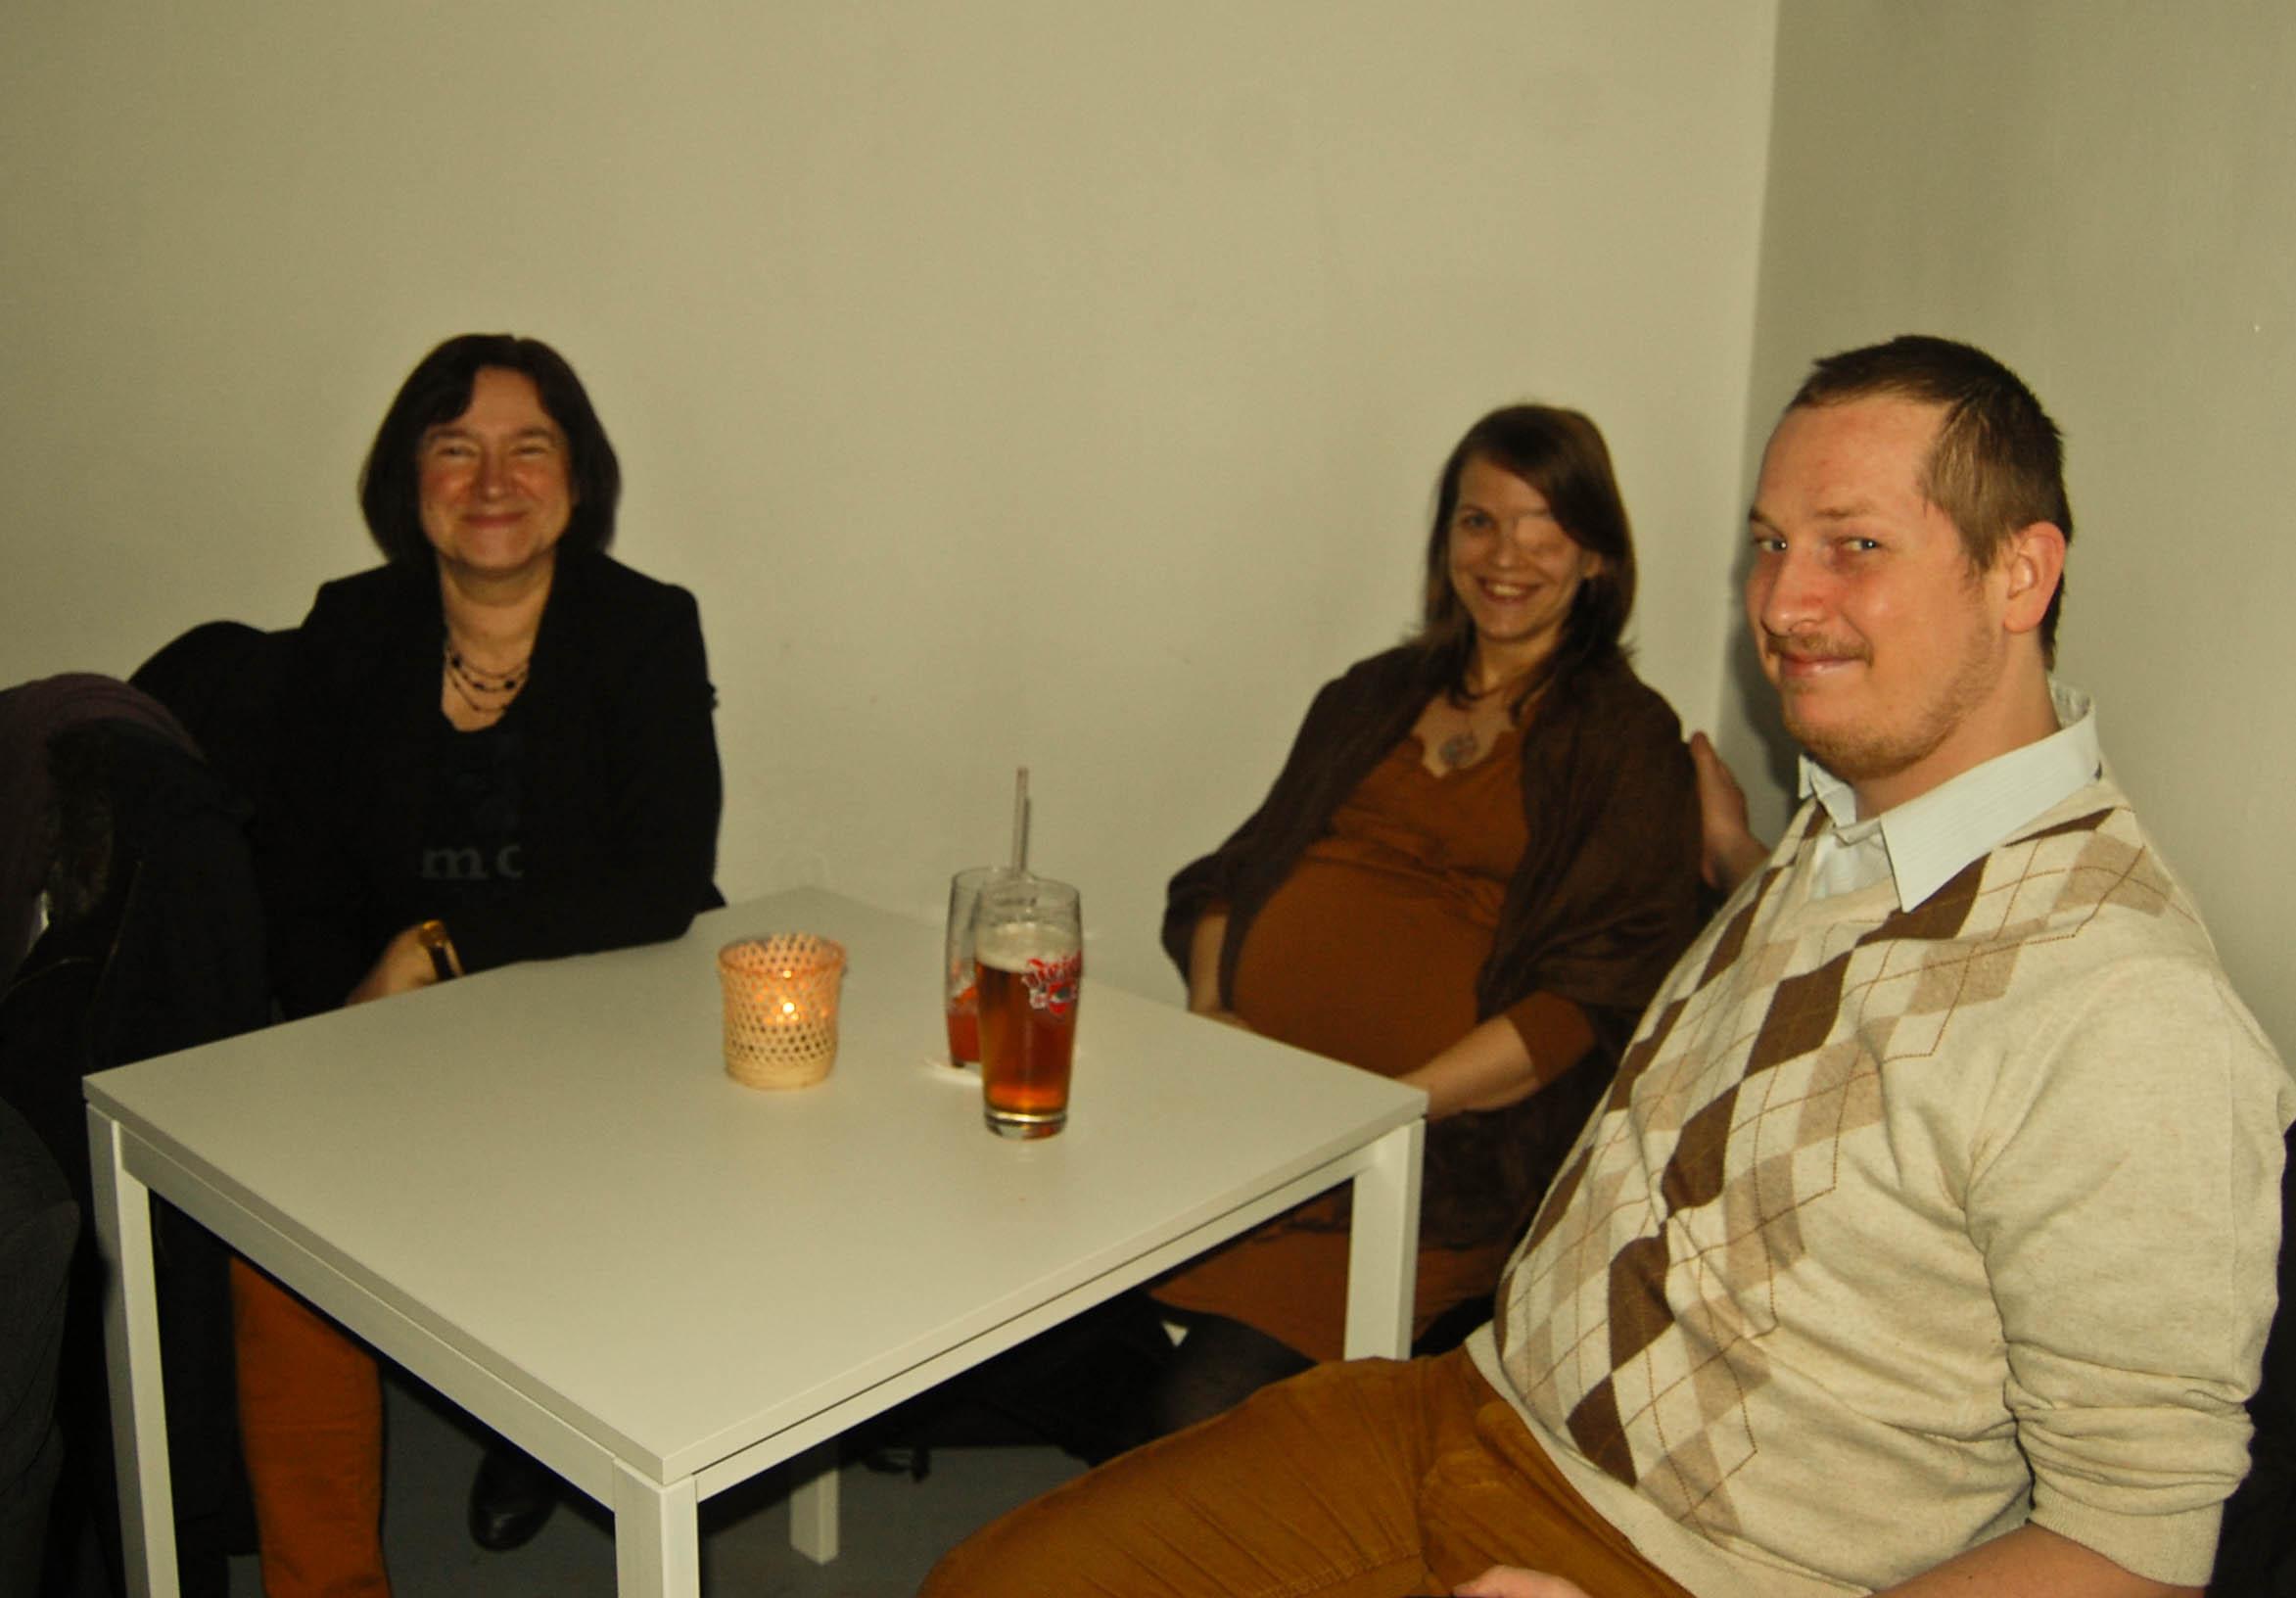 Szerkesztőségünk két tagja és Reiman Judit műfordító